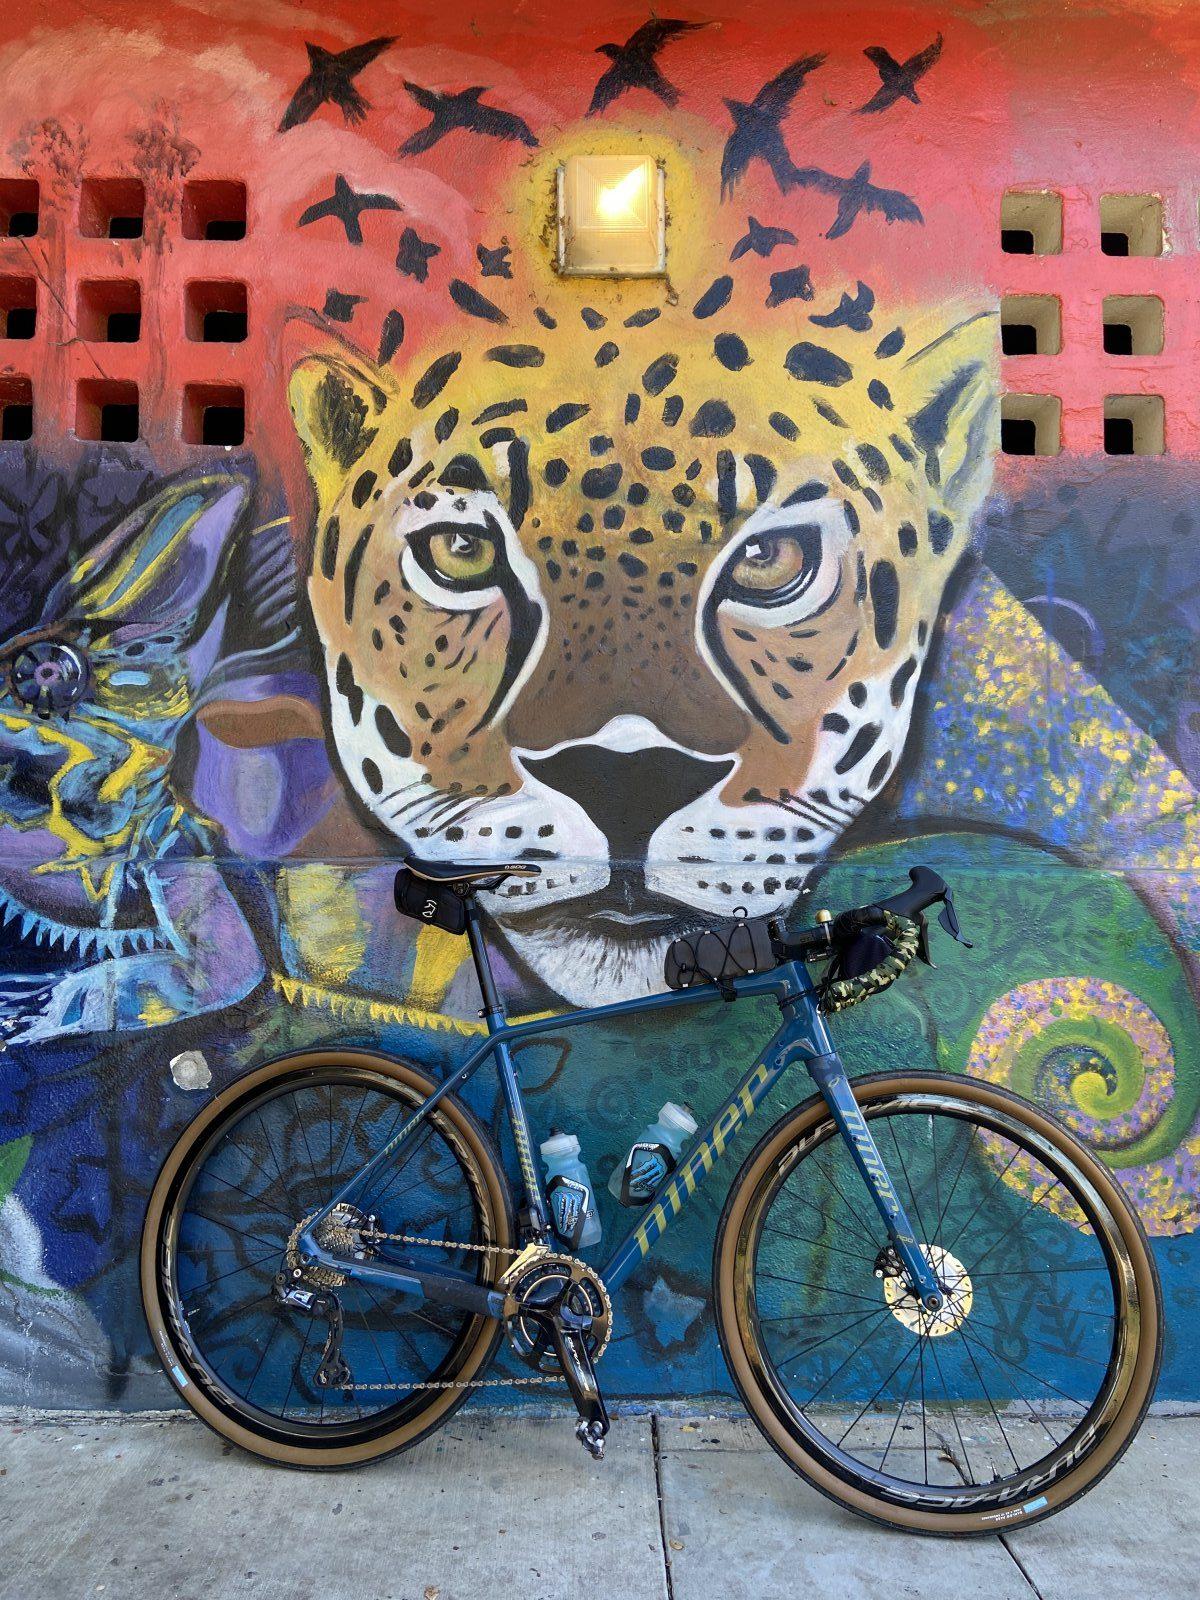 bike and mural